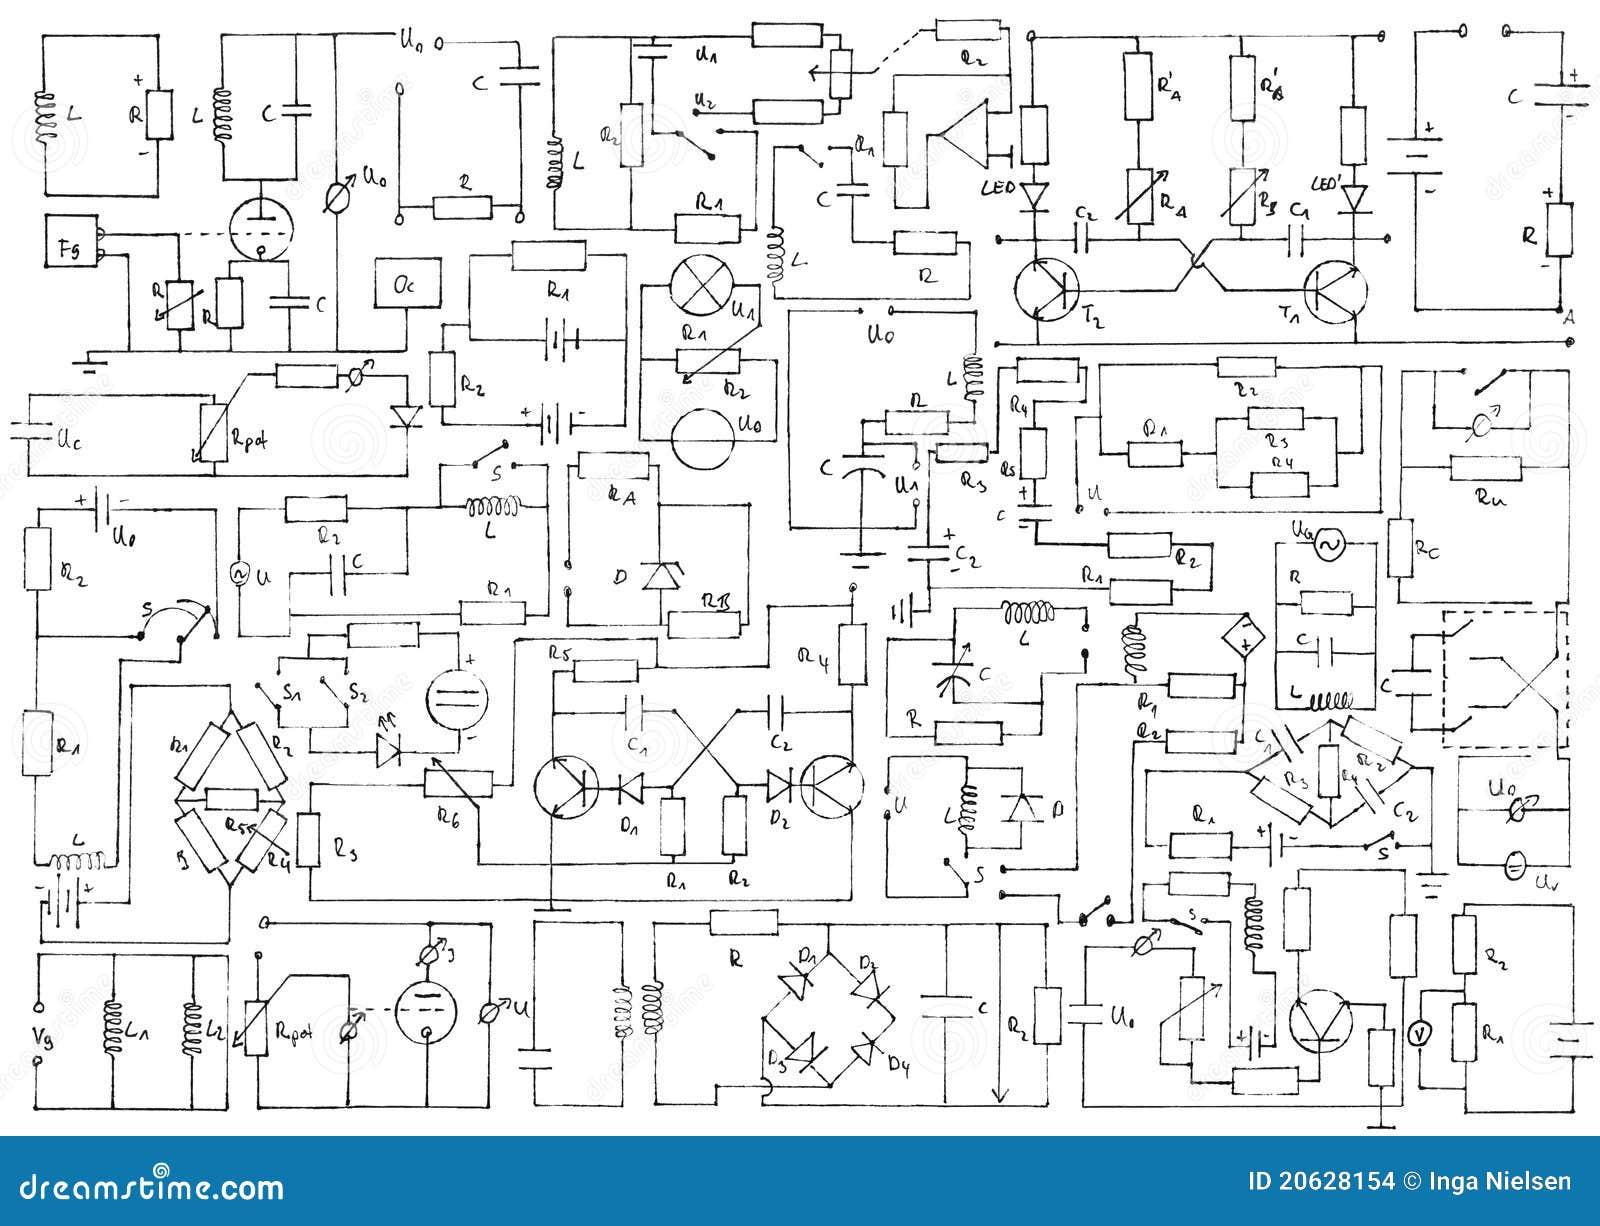 electronics background stock images